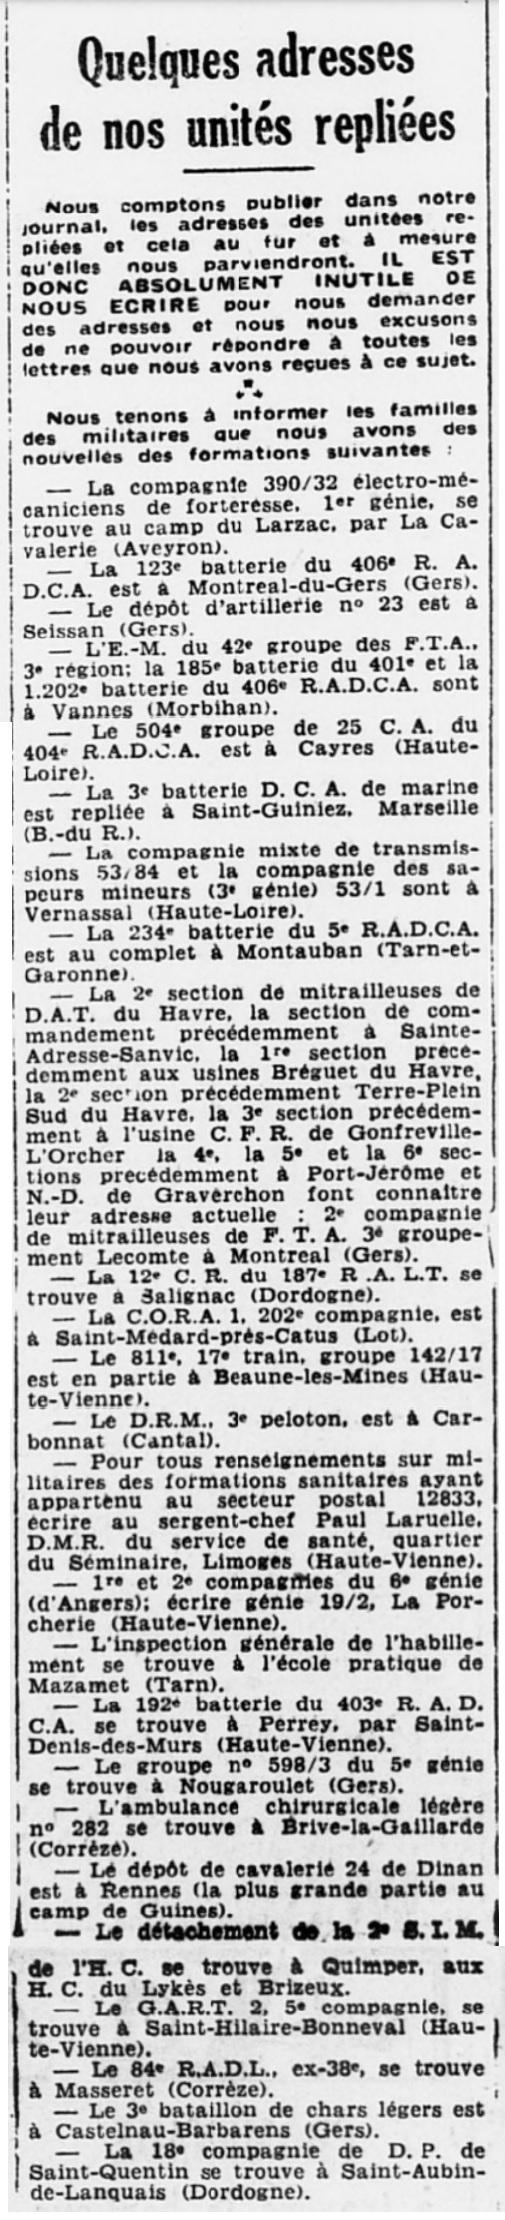 Liste des centres de repli des unités françaises 19400730